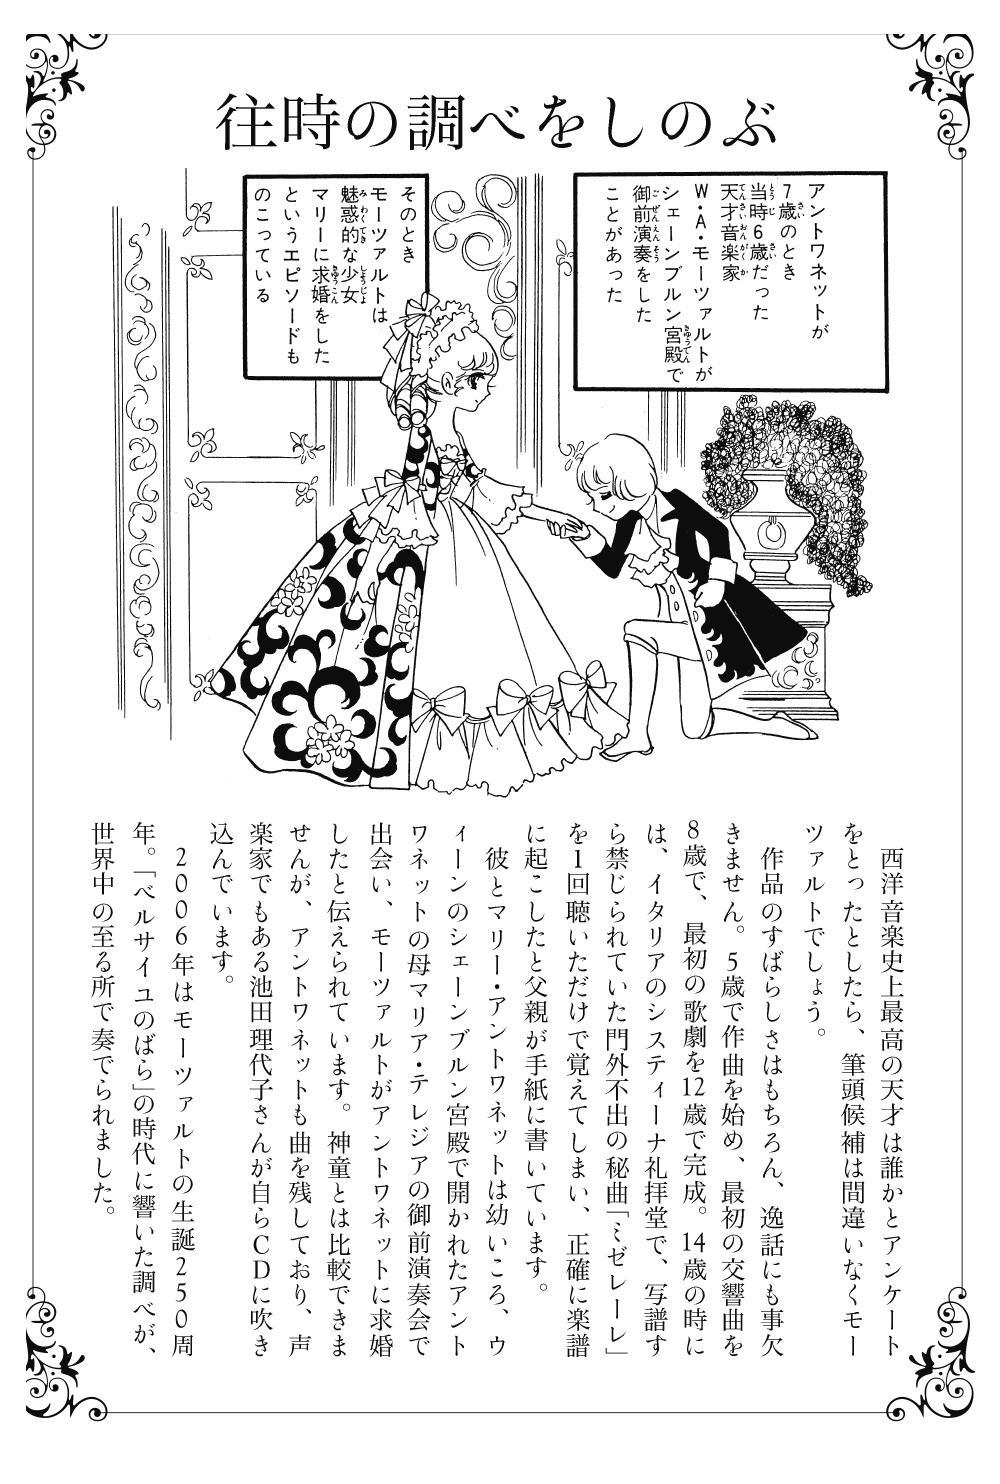 ベルばら 26-01.jpg